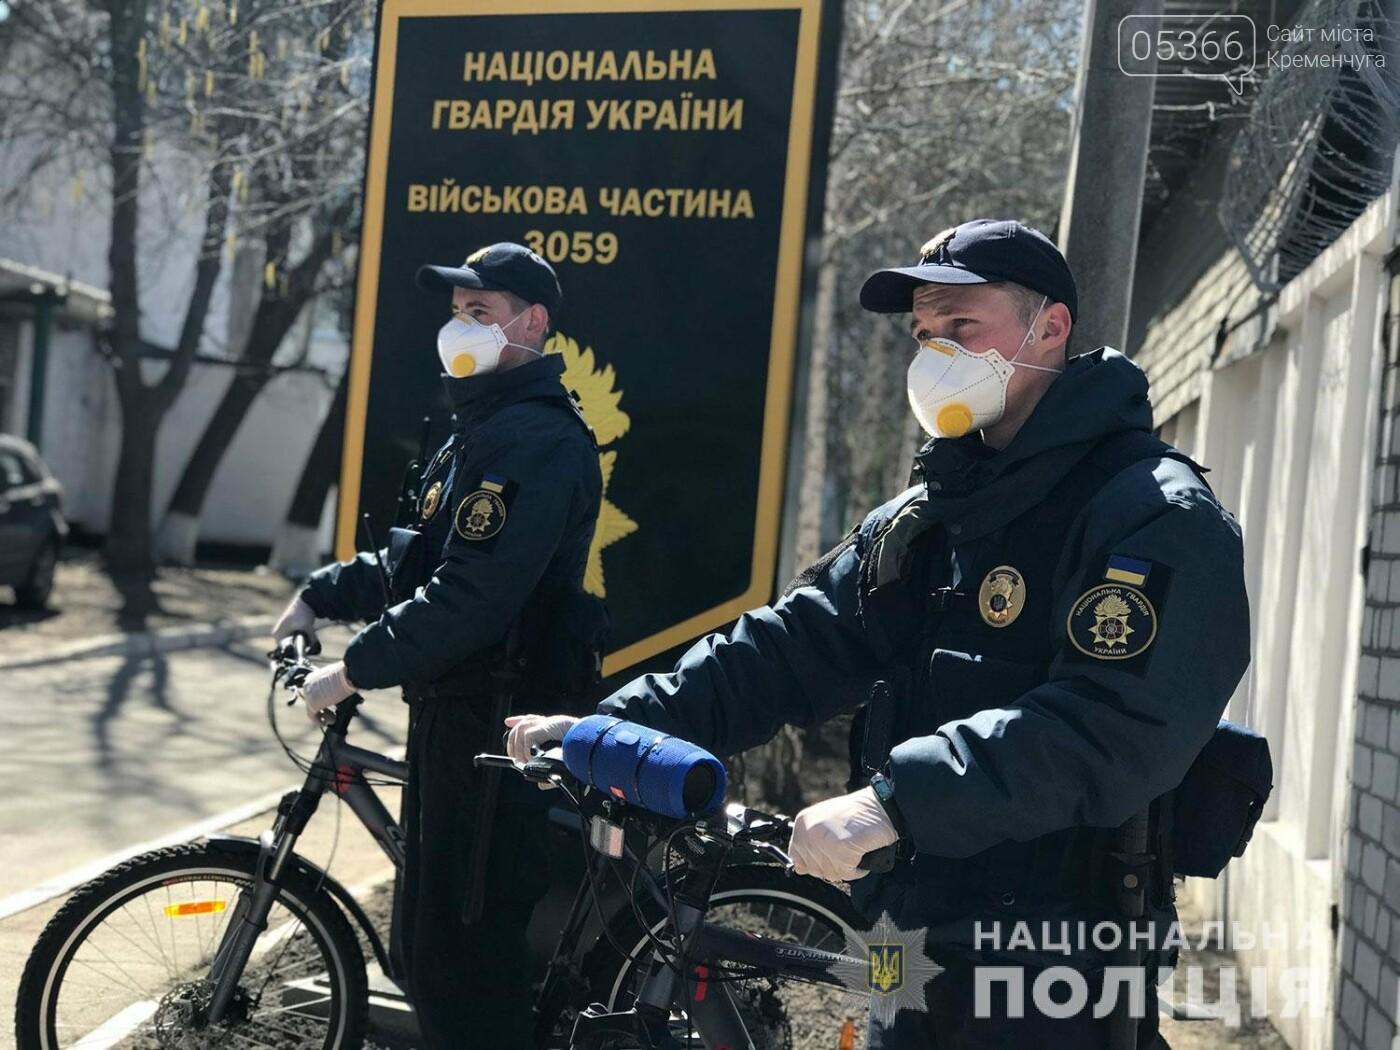 З 3 квітня Кременчук патрулюватимуть нацгвардійці на велосипедах, фото-1